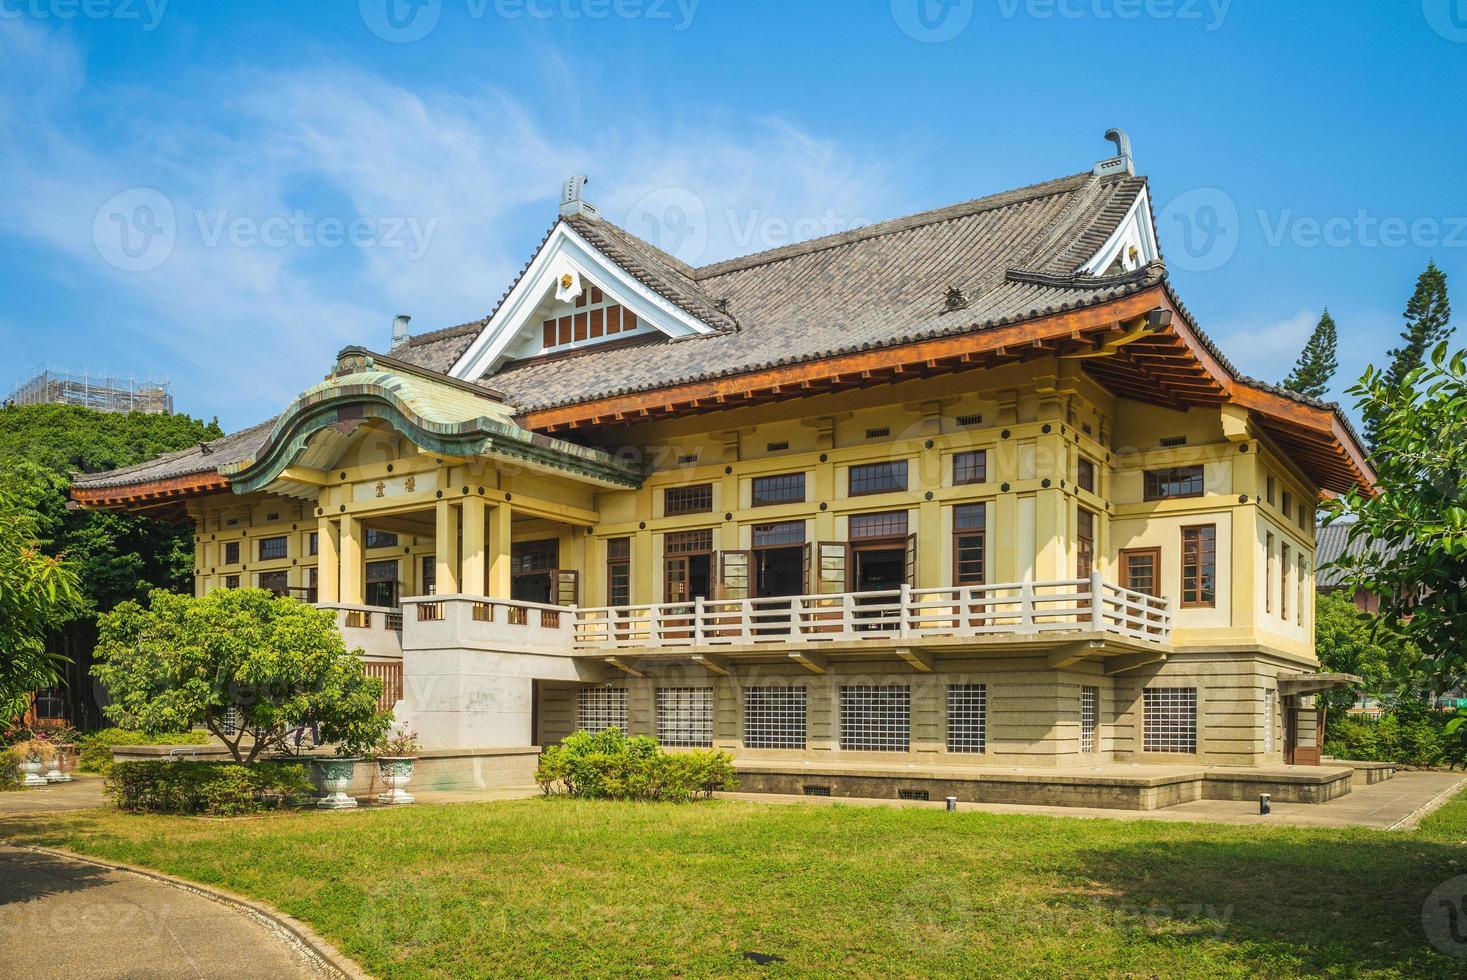 Wude hall, aka Bushido Hall, in Tainan, Taiwan photo